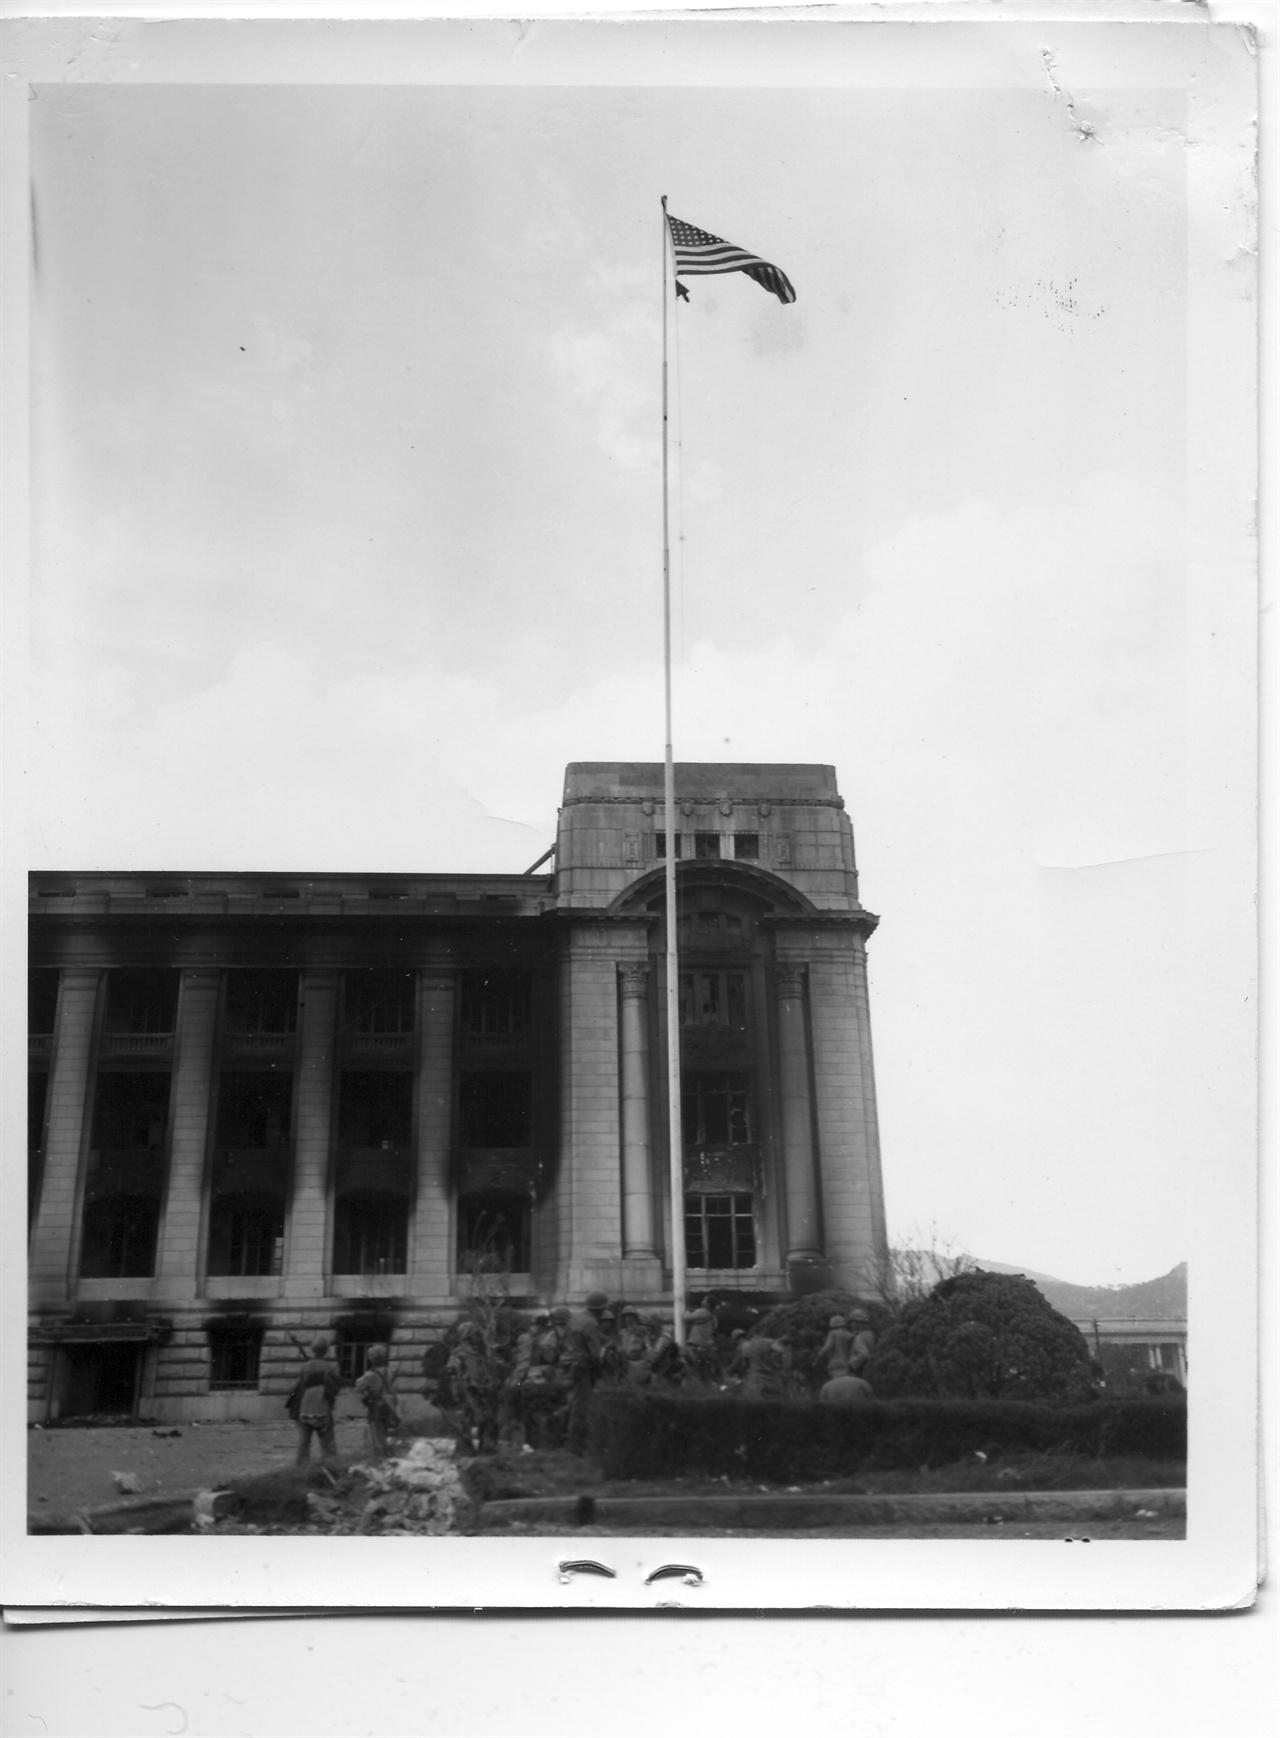 1950. 9. 27. 서울. 미 해병대가 중앙청 국기 게양대에 서울 탈환을 상징하는 성조기를 올리고 있다.